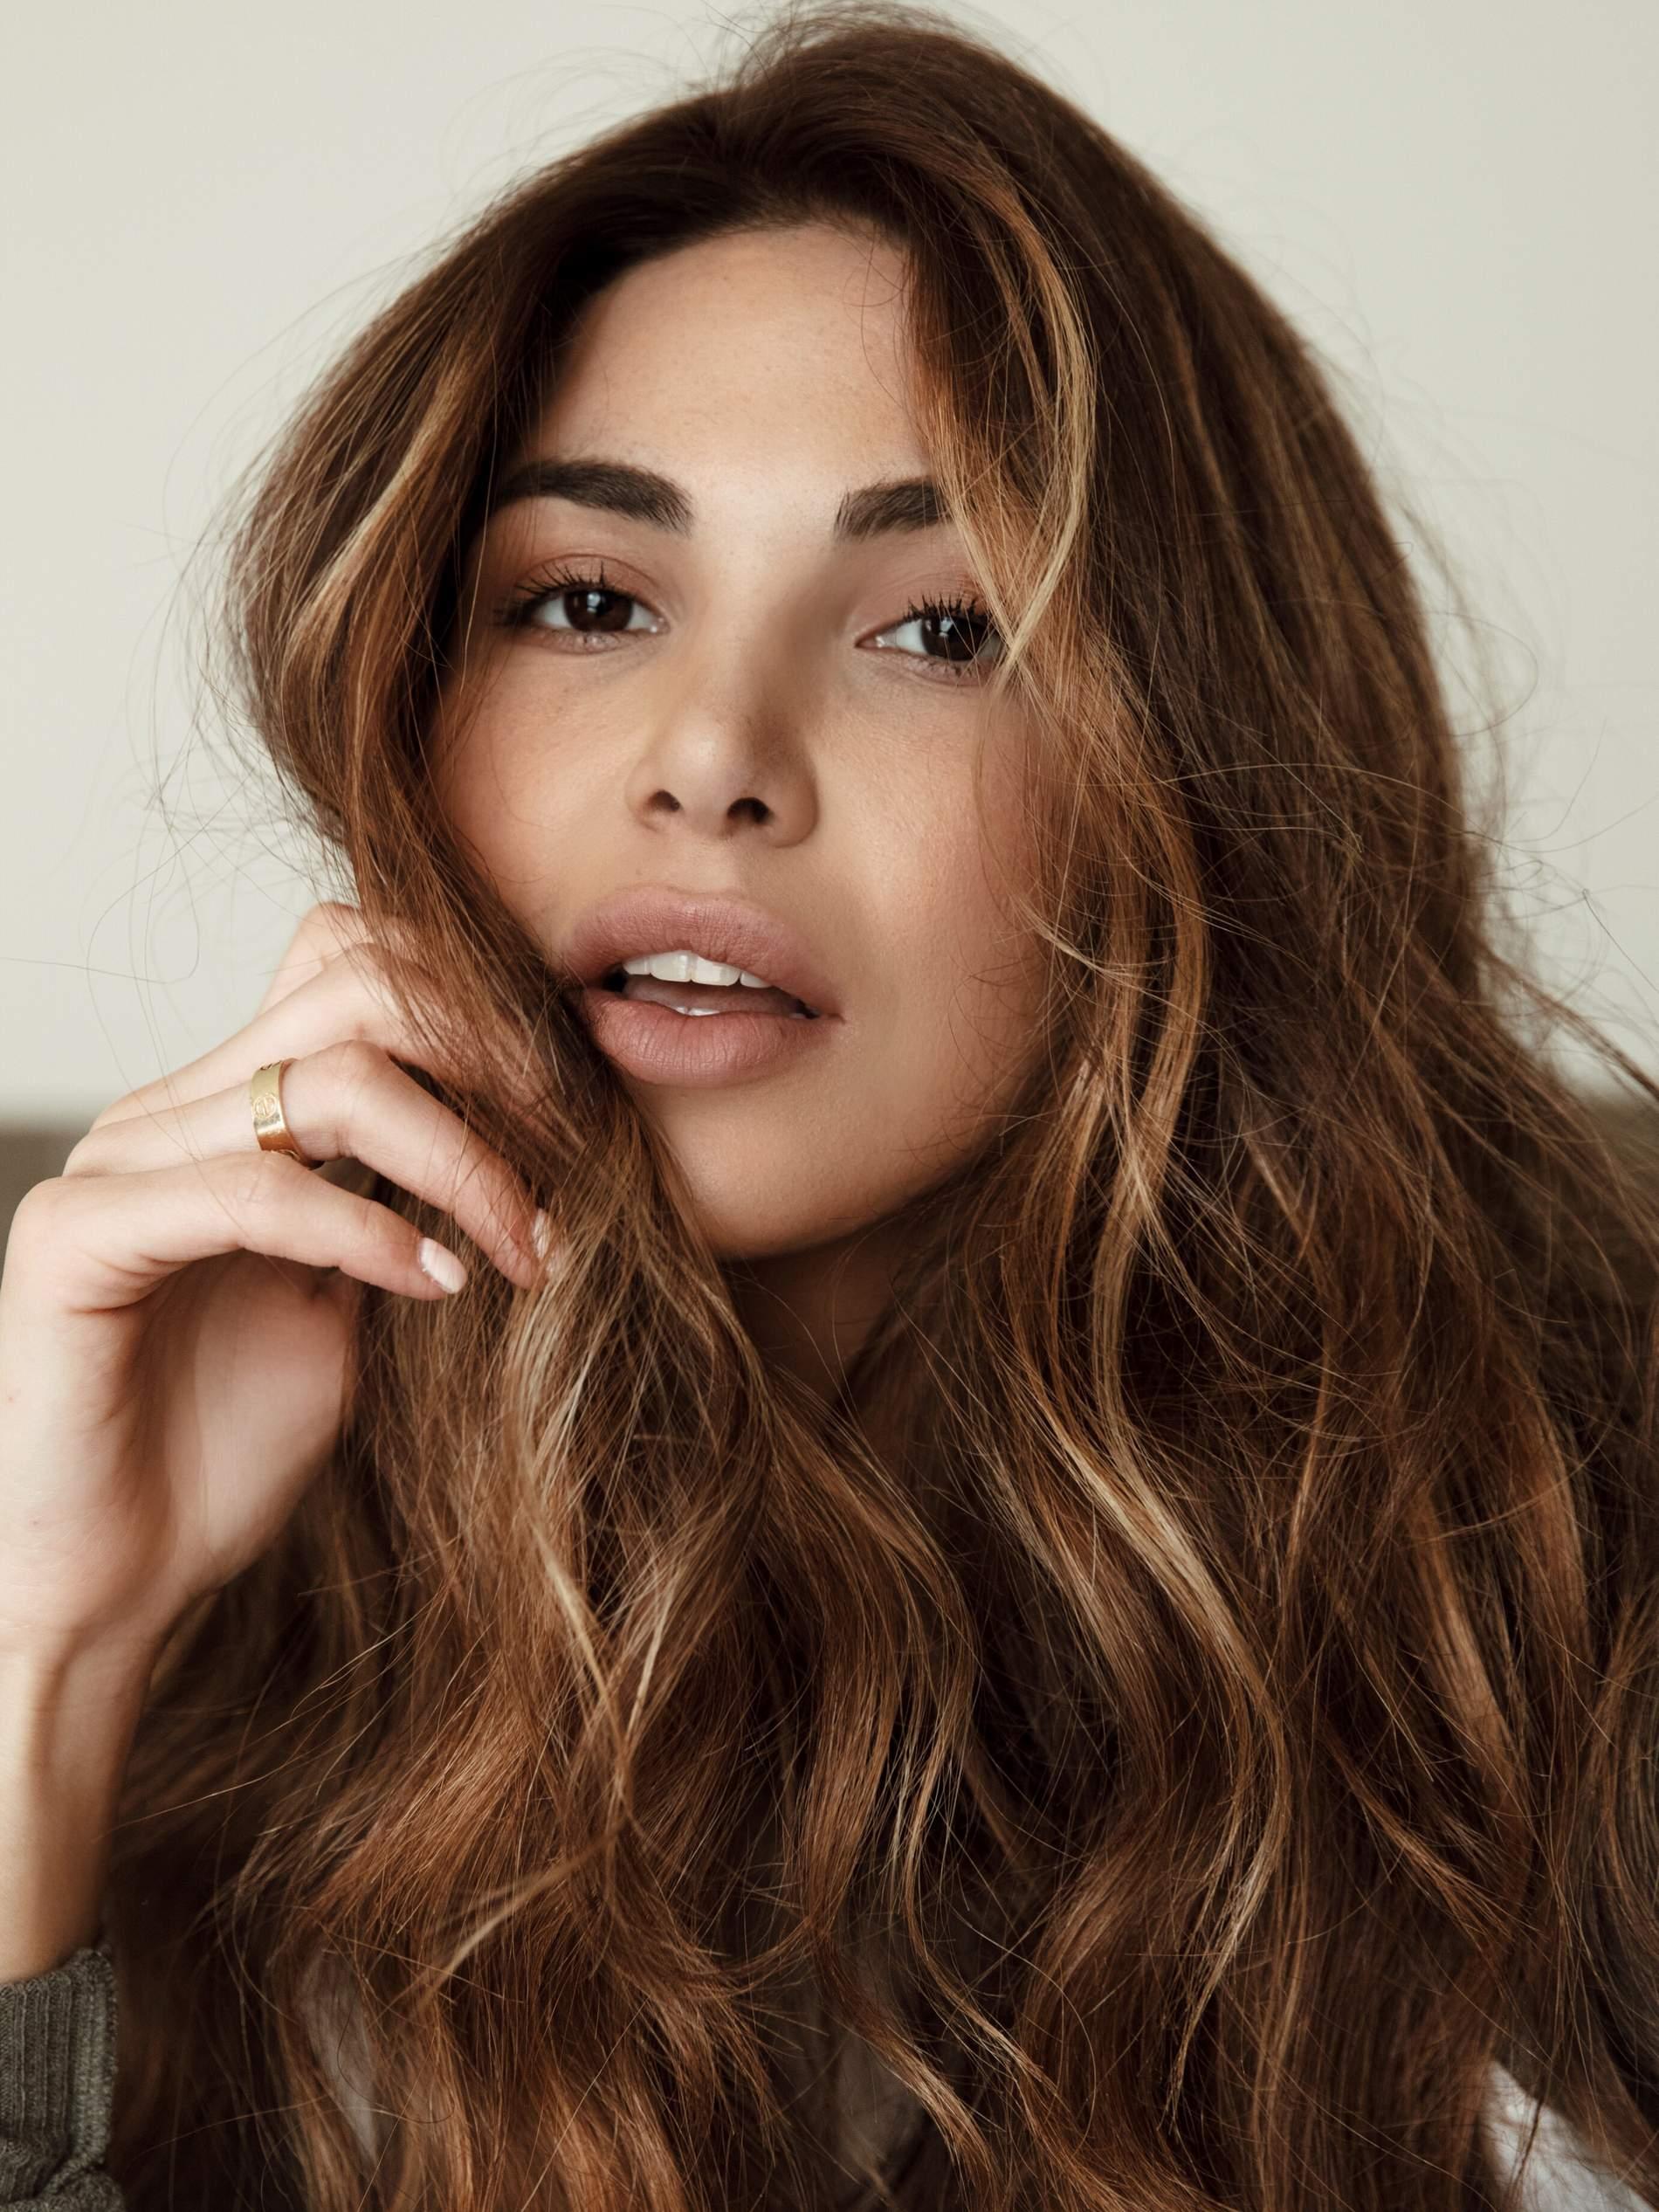 402f38d26 Negin Mirsalehi Shares Her Daily Beauty & Wellness Rituals | PORTER